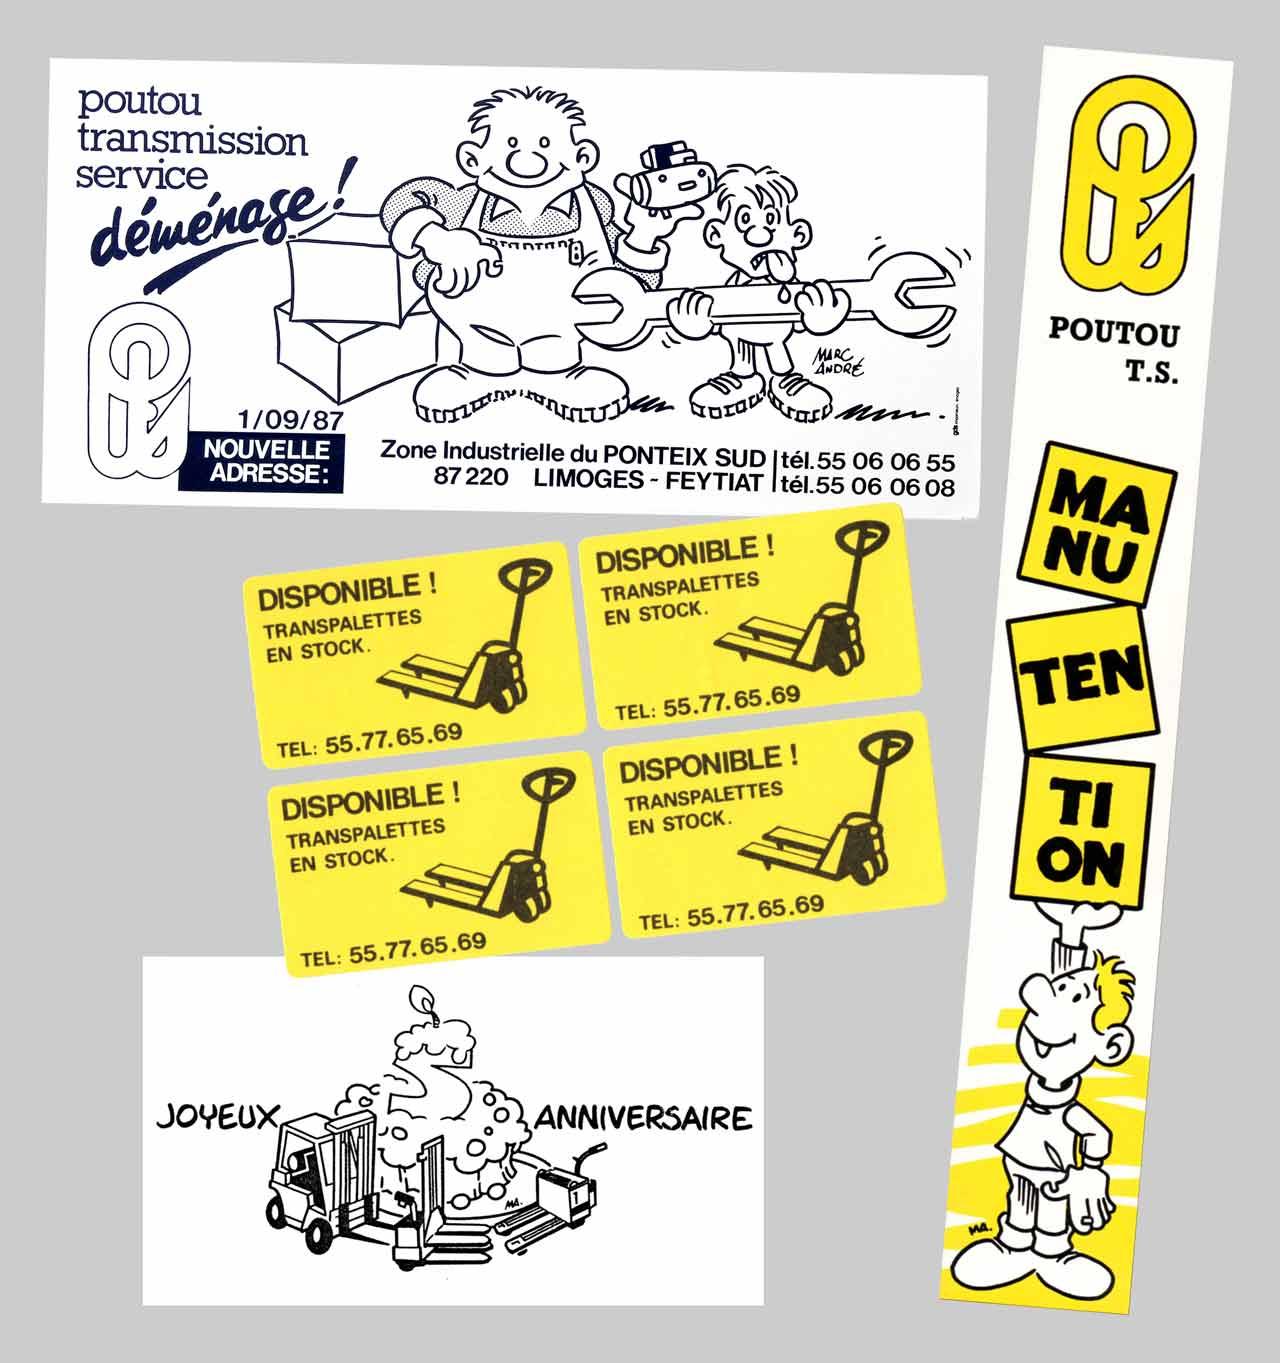 Illustrations Poutou Transmission Service 1986-87  entêtes et dos de classeurs autocollants cartes Marc-André BD Illustration Graphisme Limoges